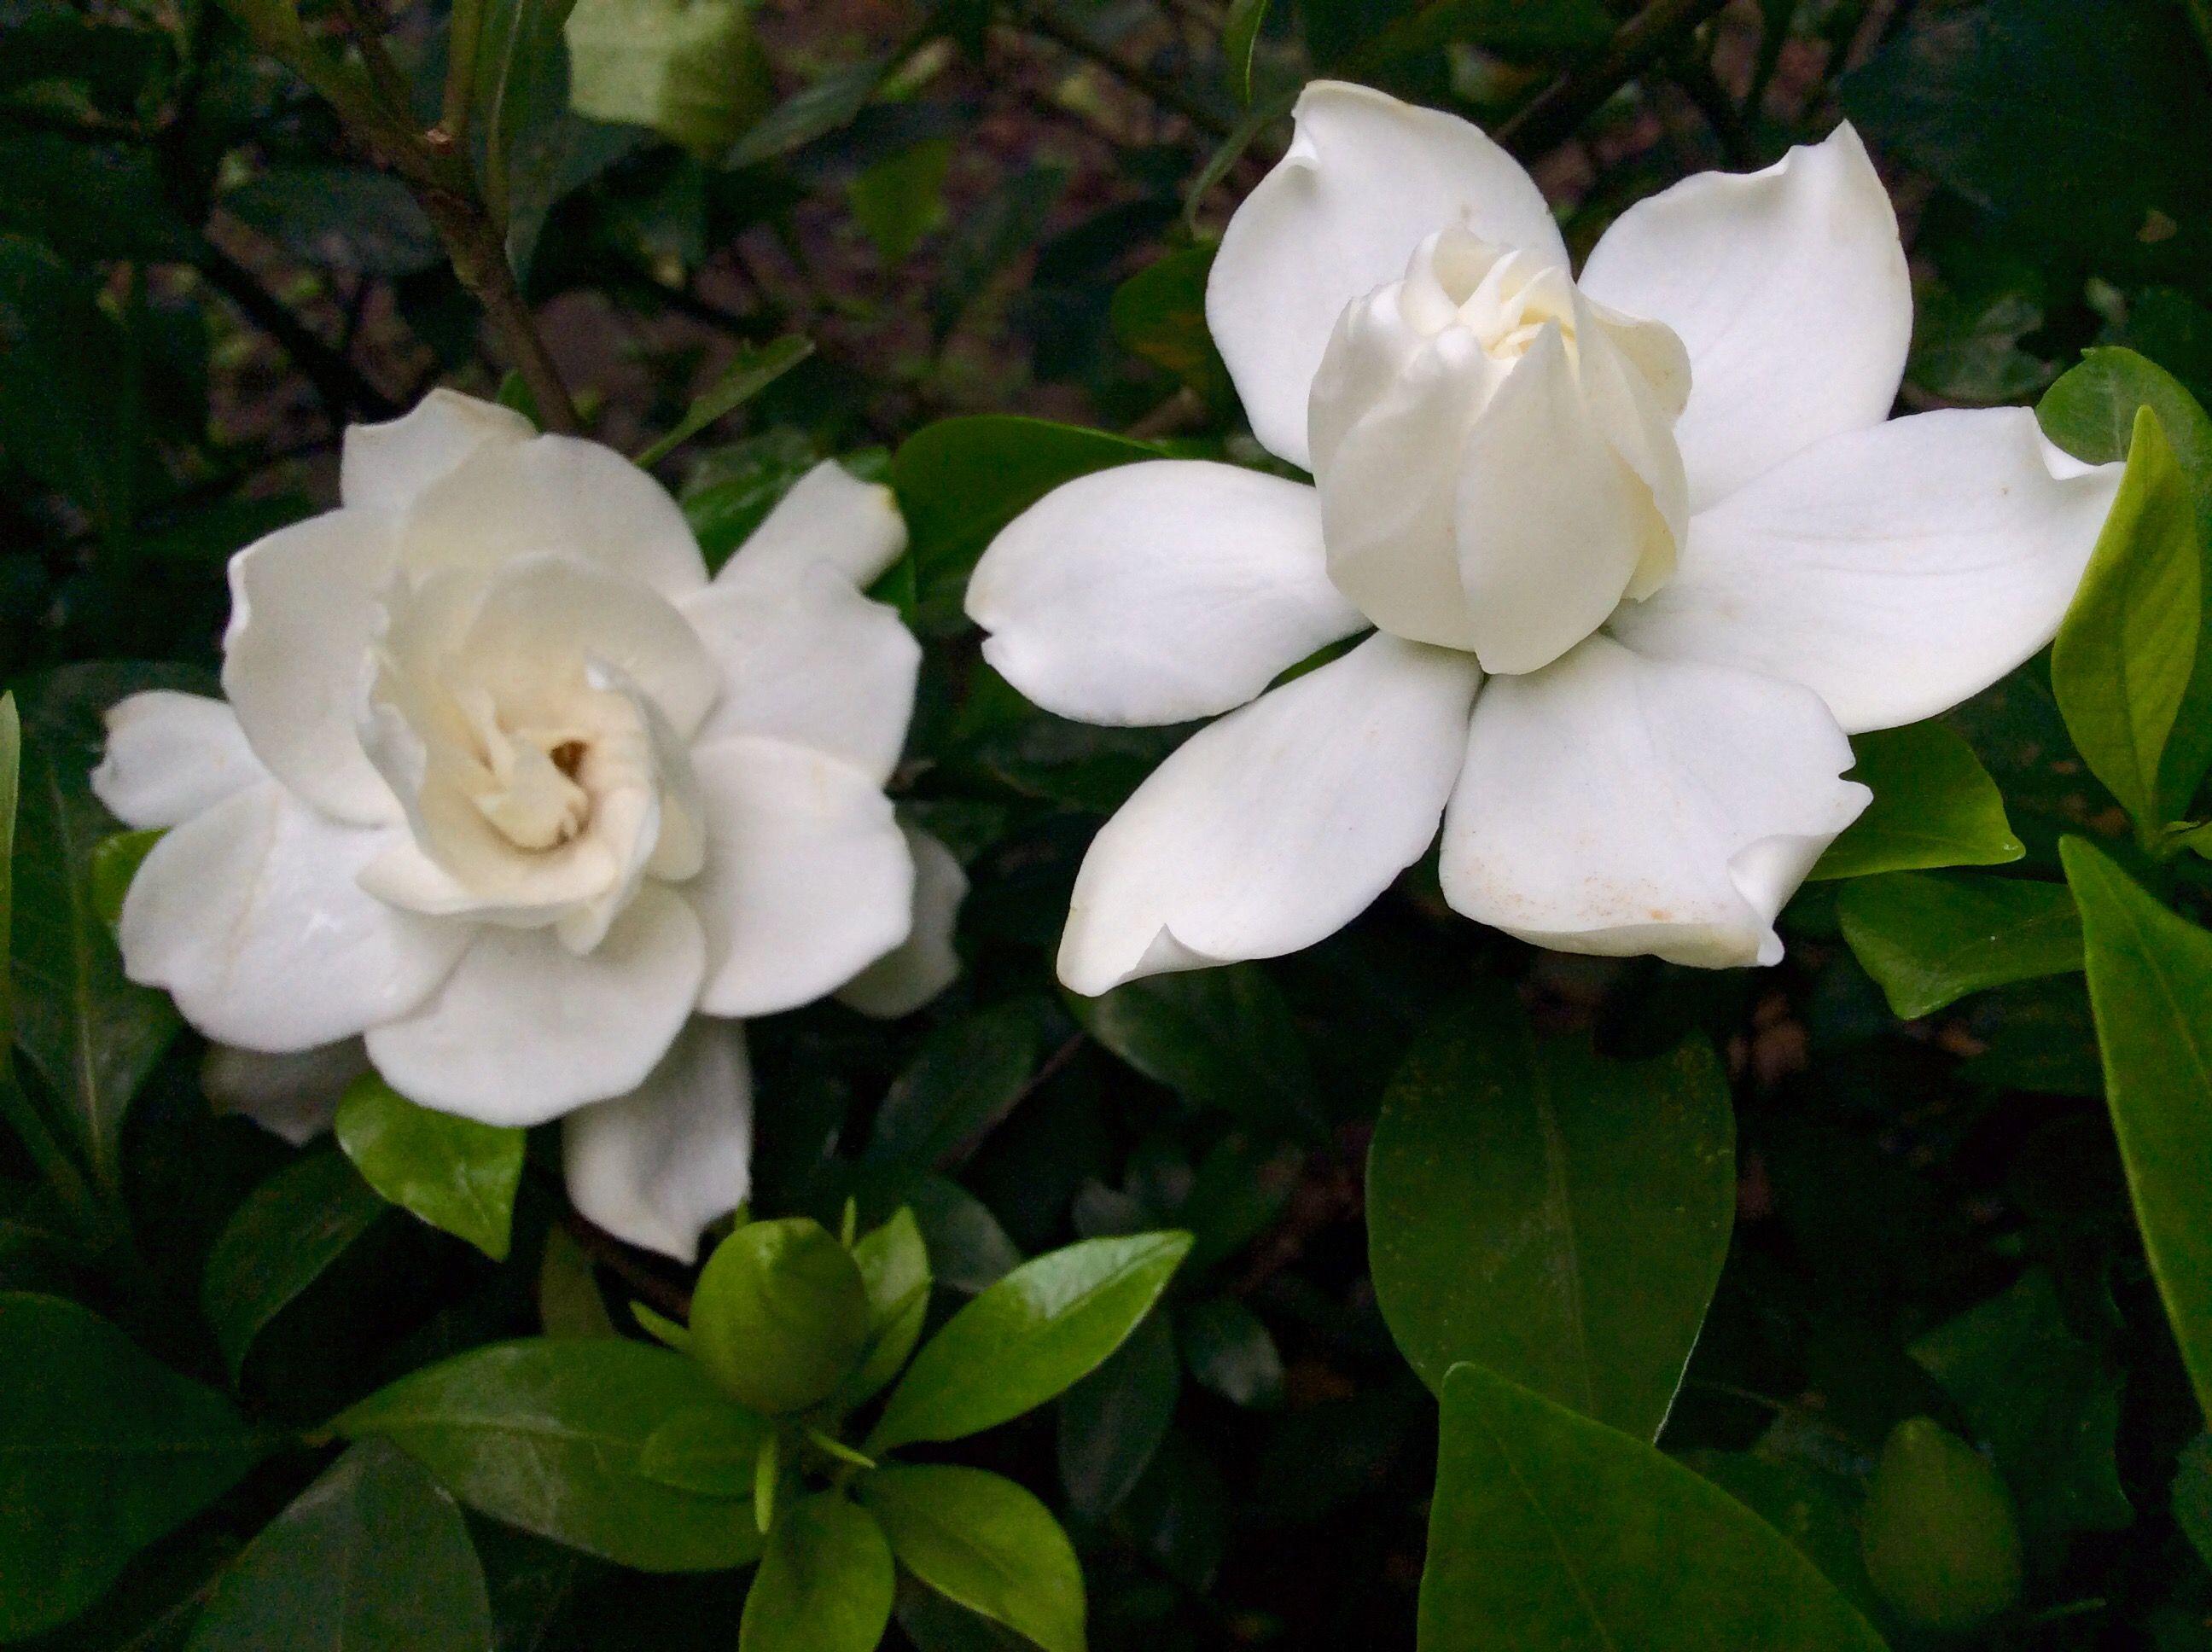 Gardenias 梔子花 玉堂春 Flowers Beautiful Blooms Bloom